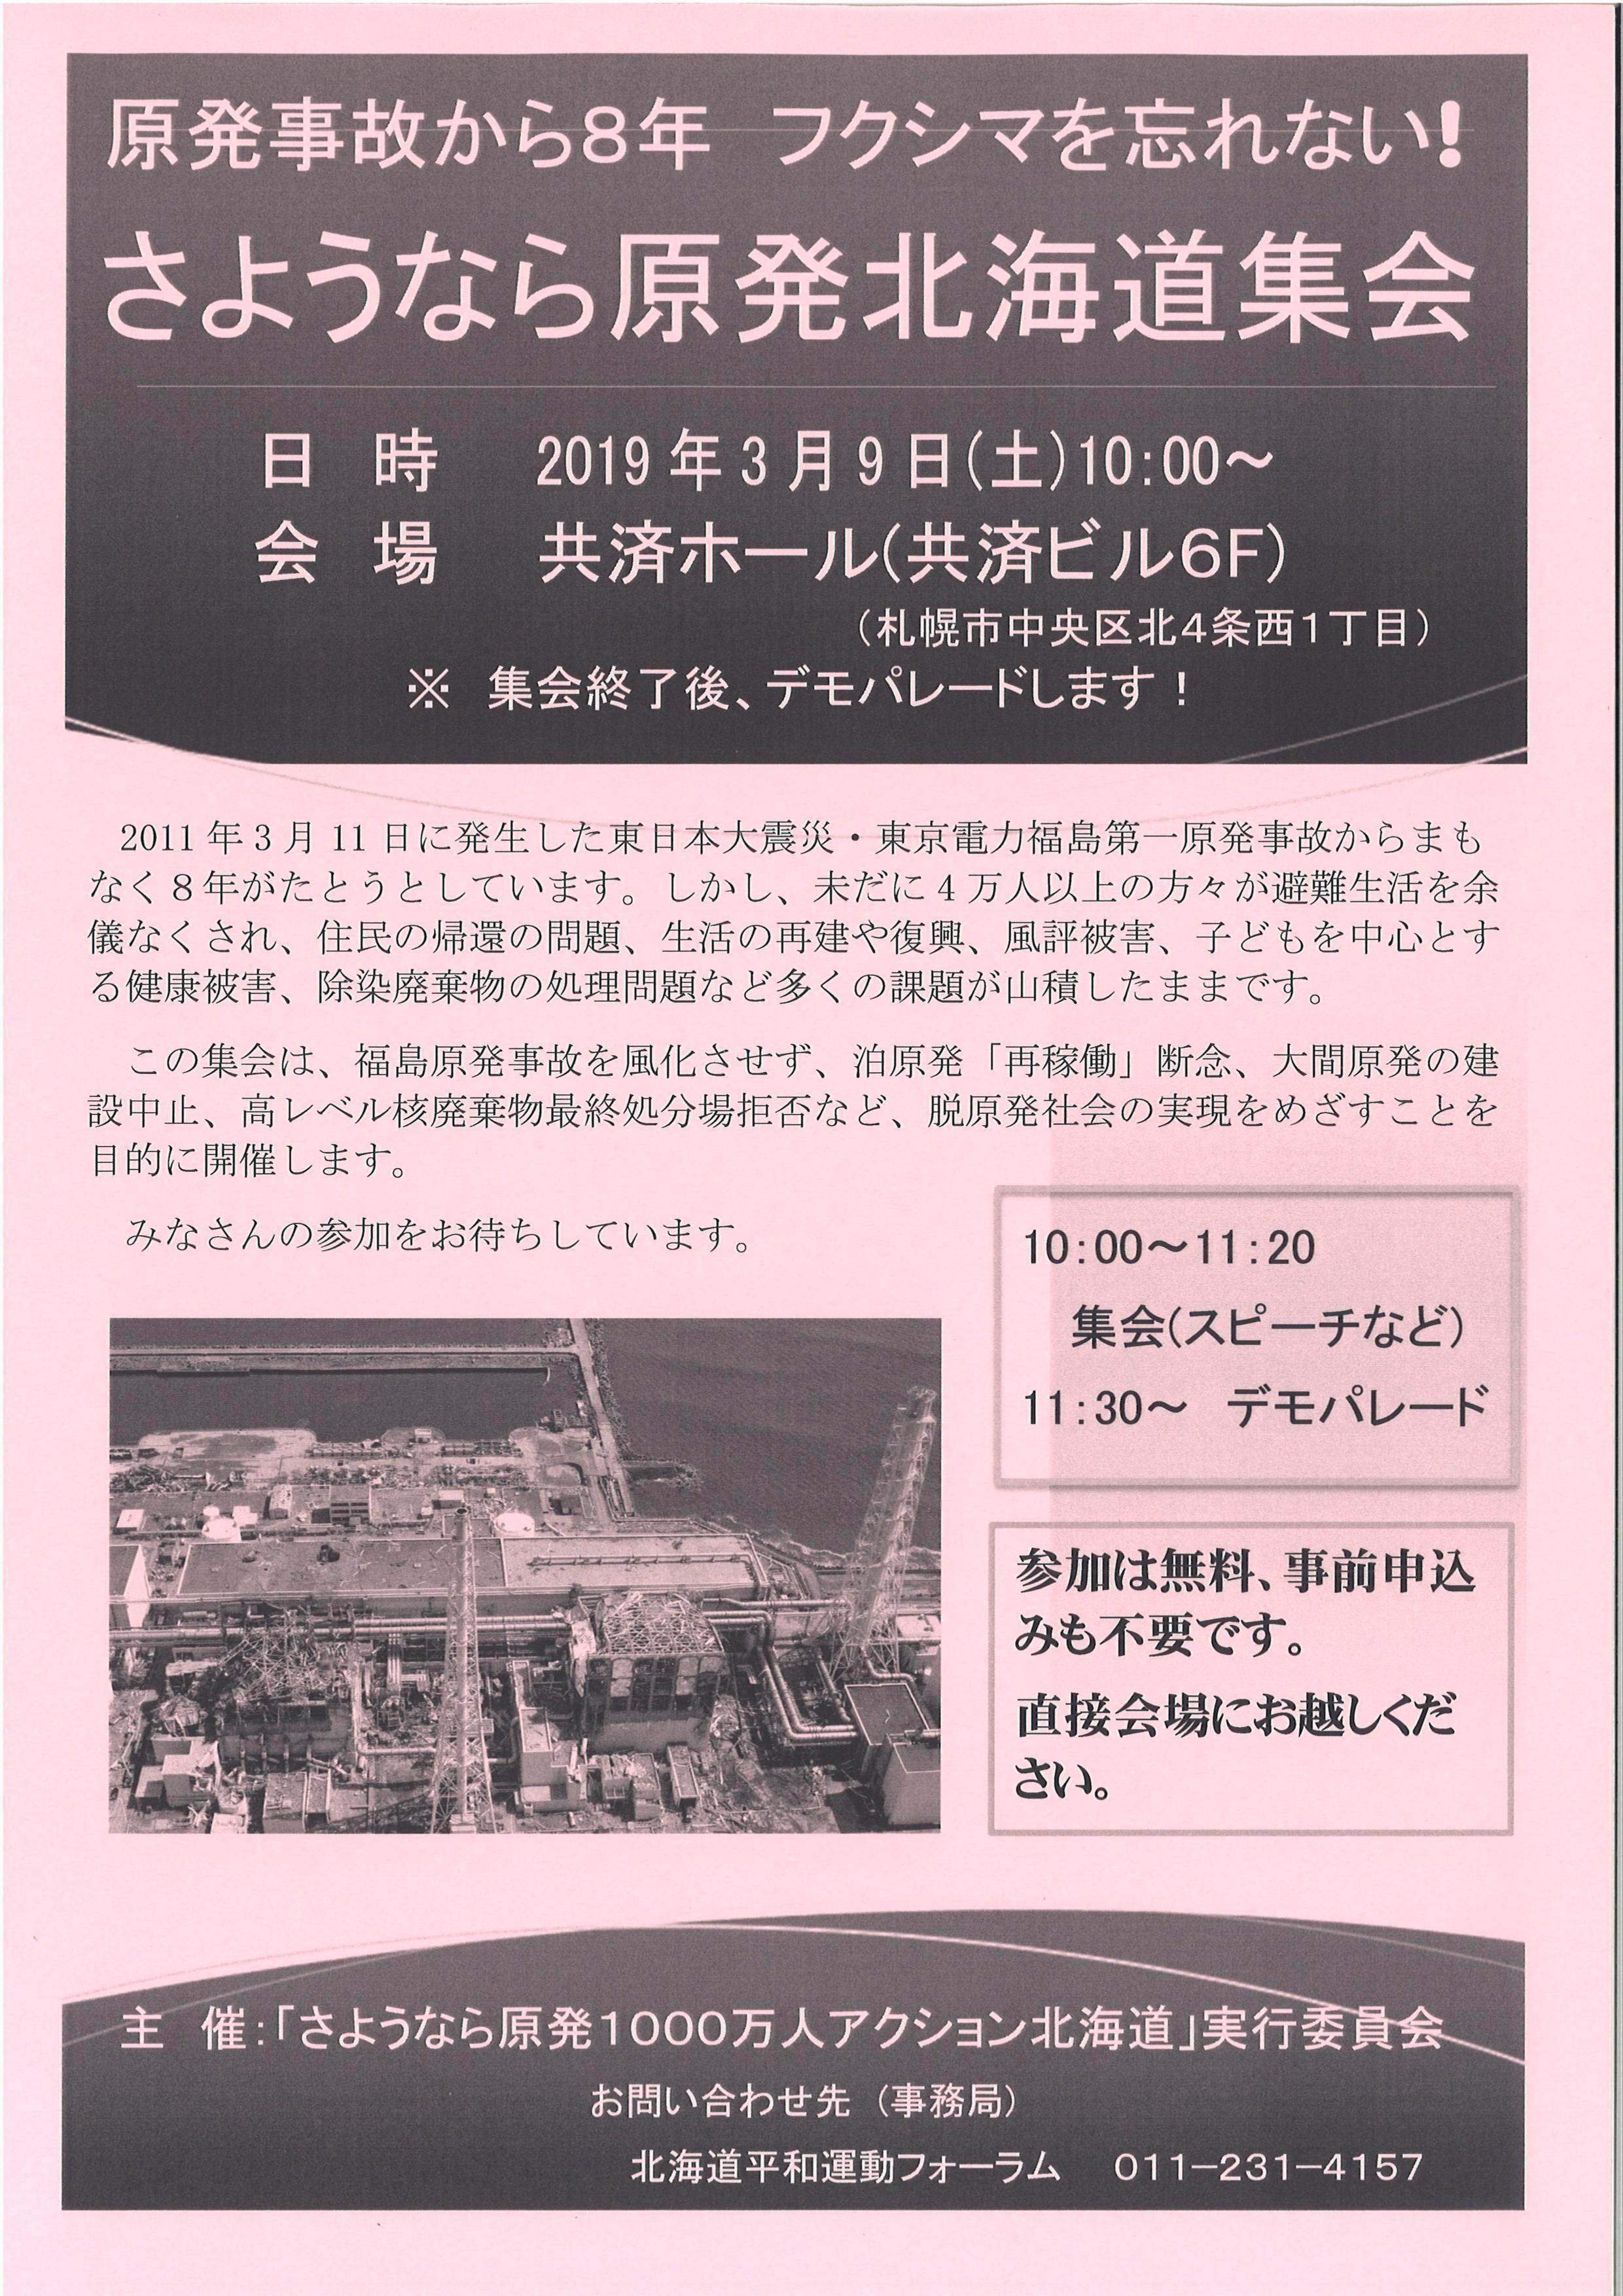 3月9日「原発から8年フクシマを忘れない!さようなら原発北海道集会」